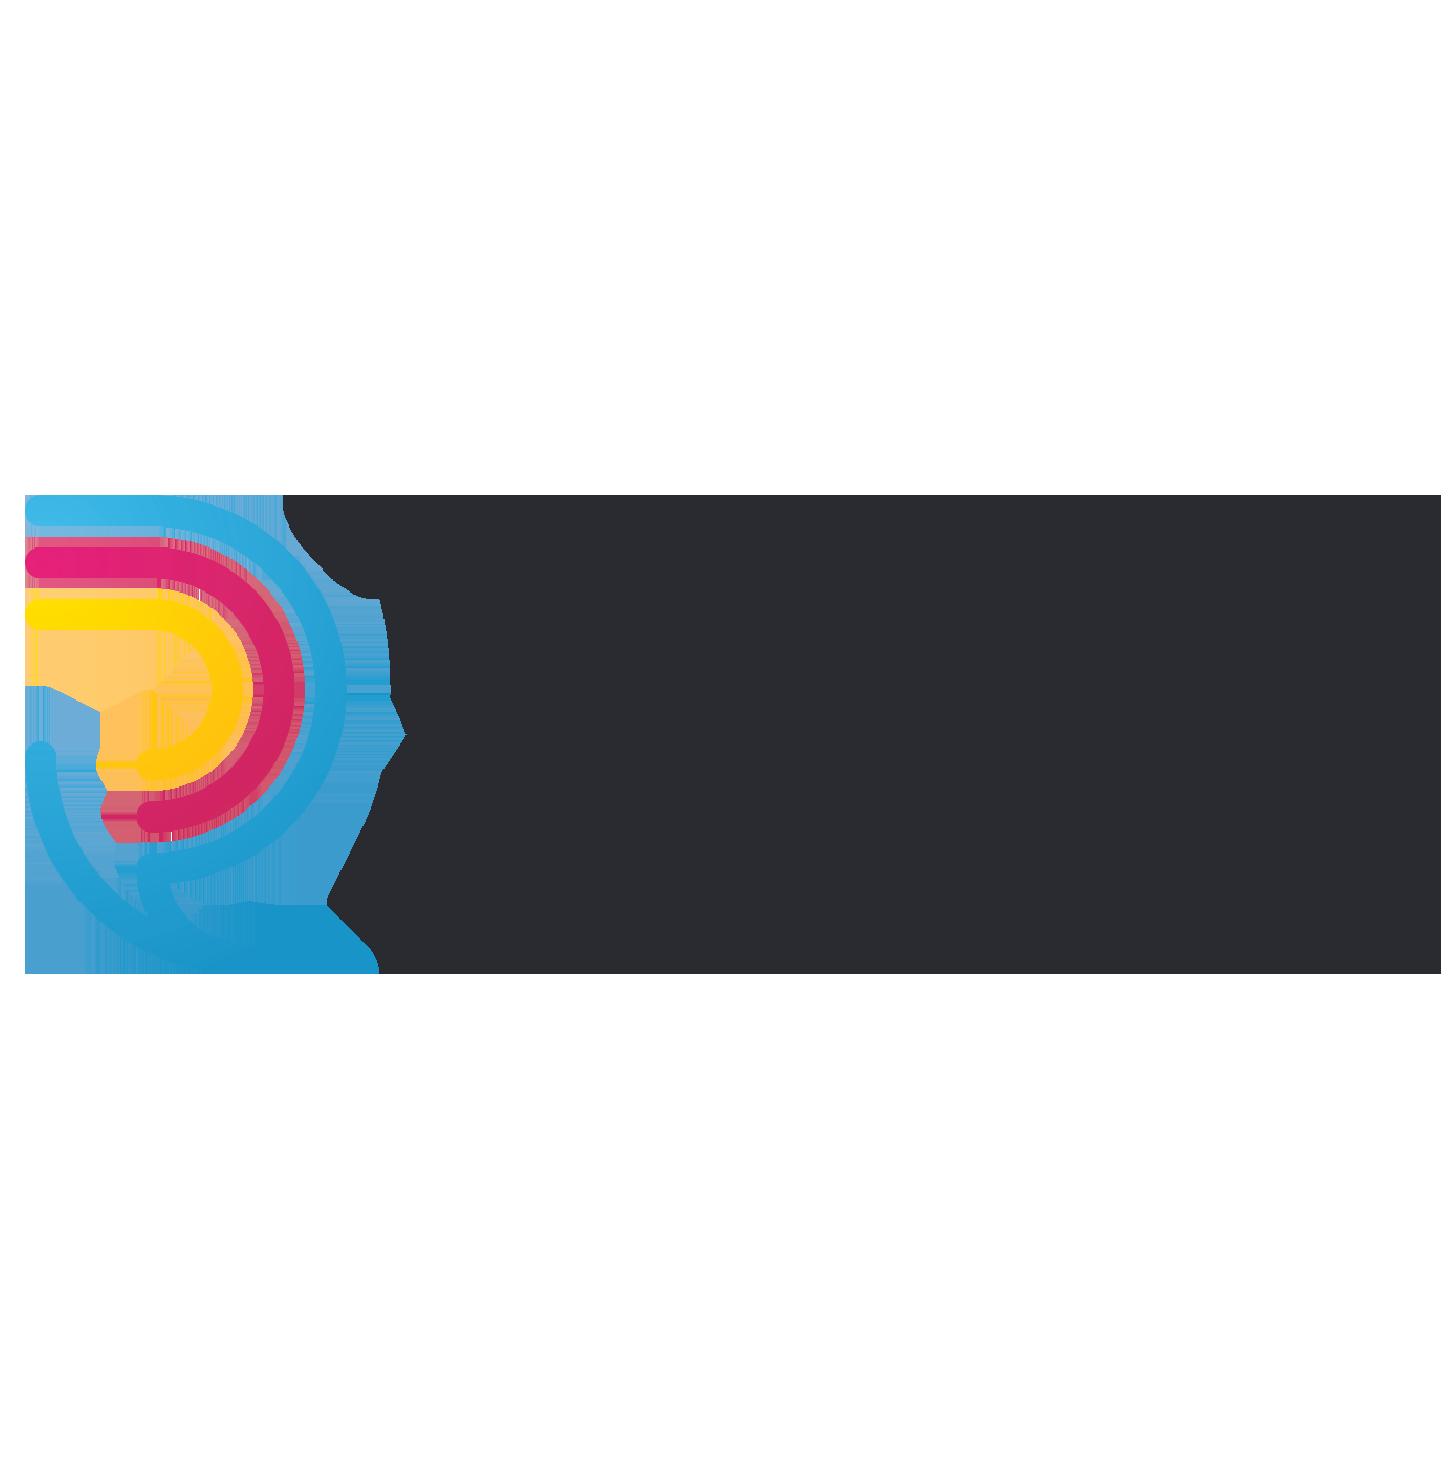 http://designriviera.com/v4/